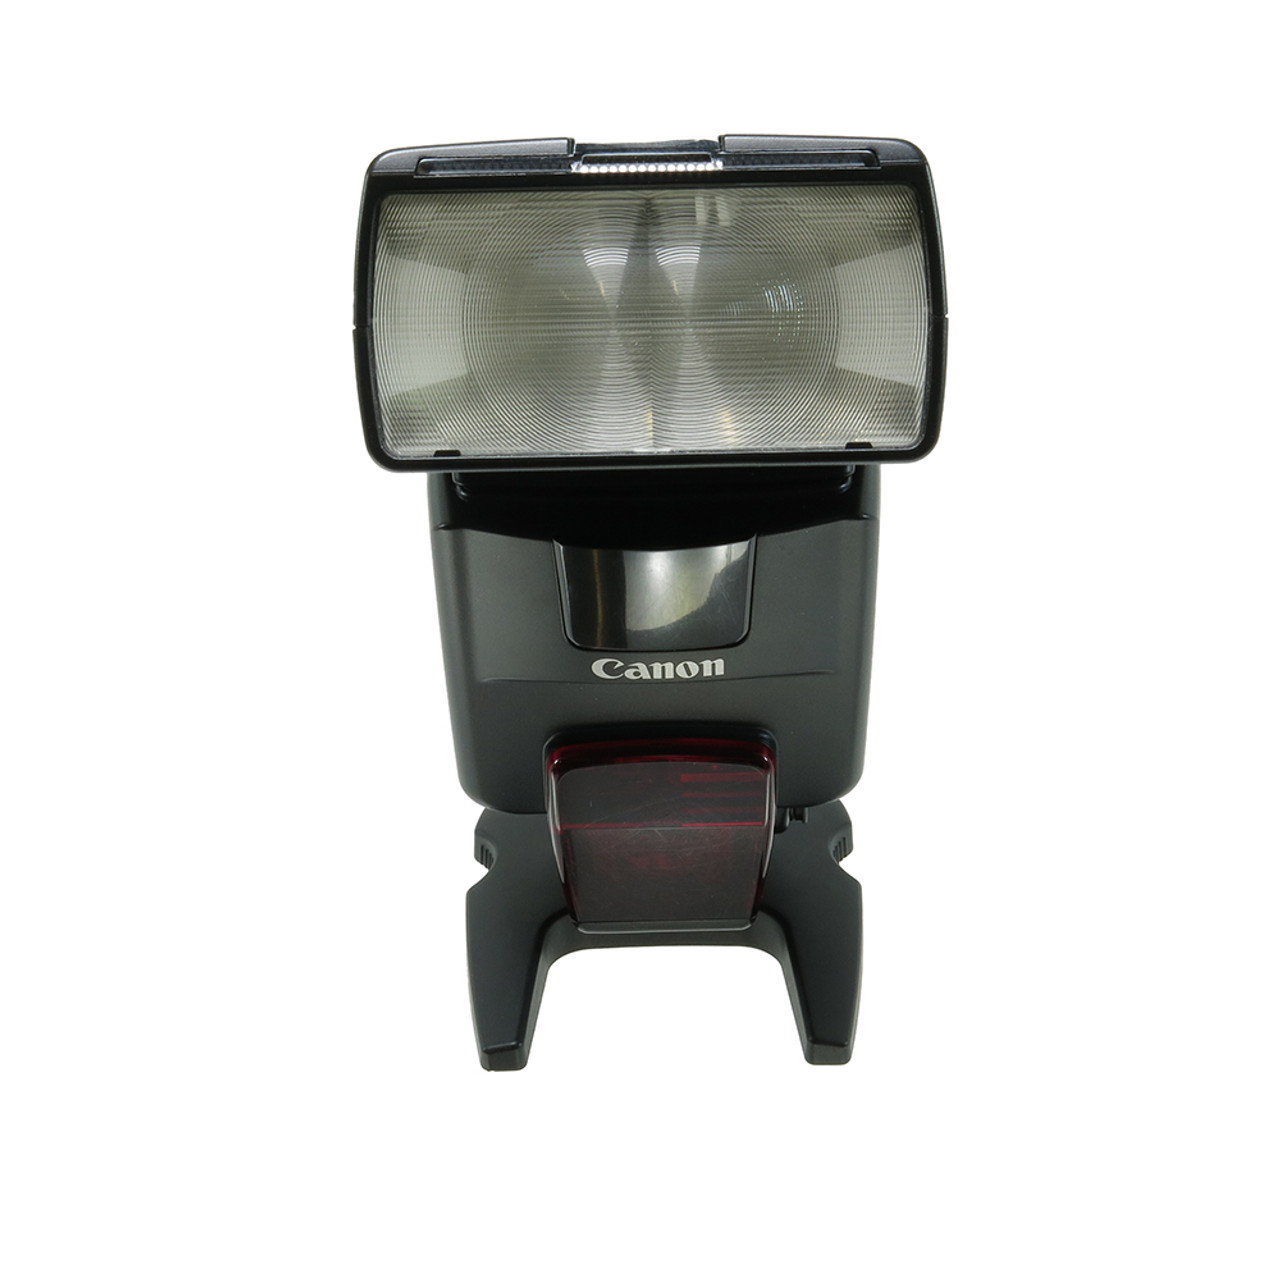 USED CANON 550EX FLASH (736682)